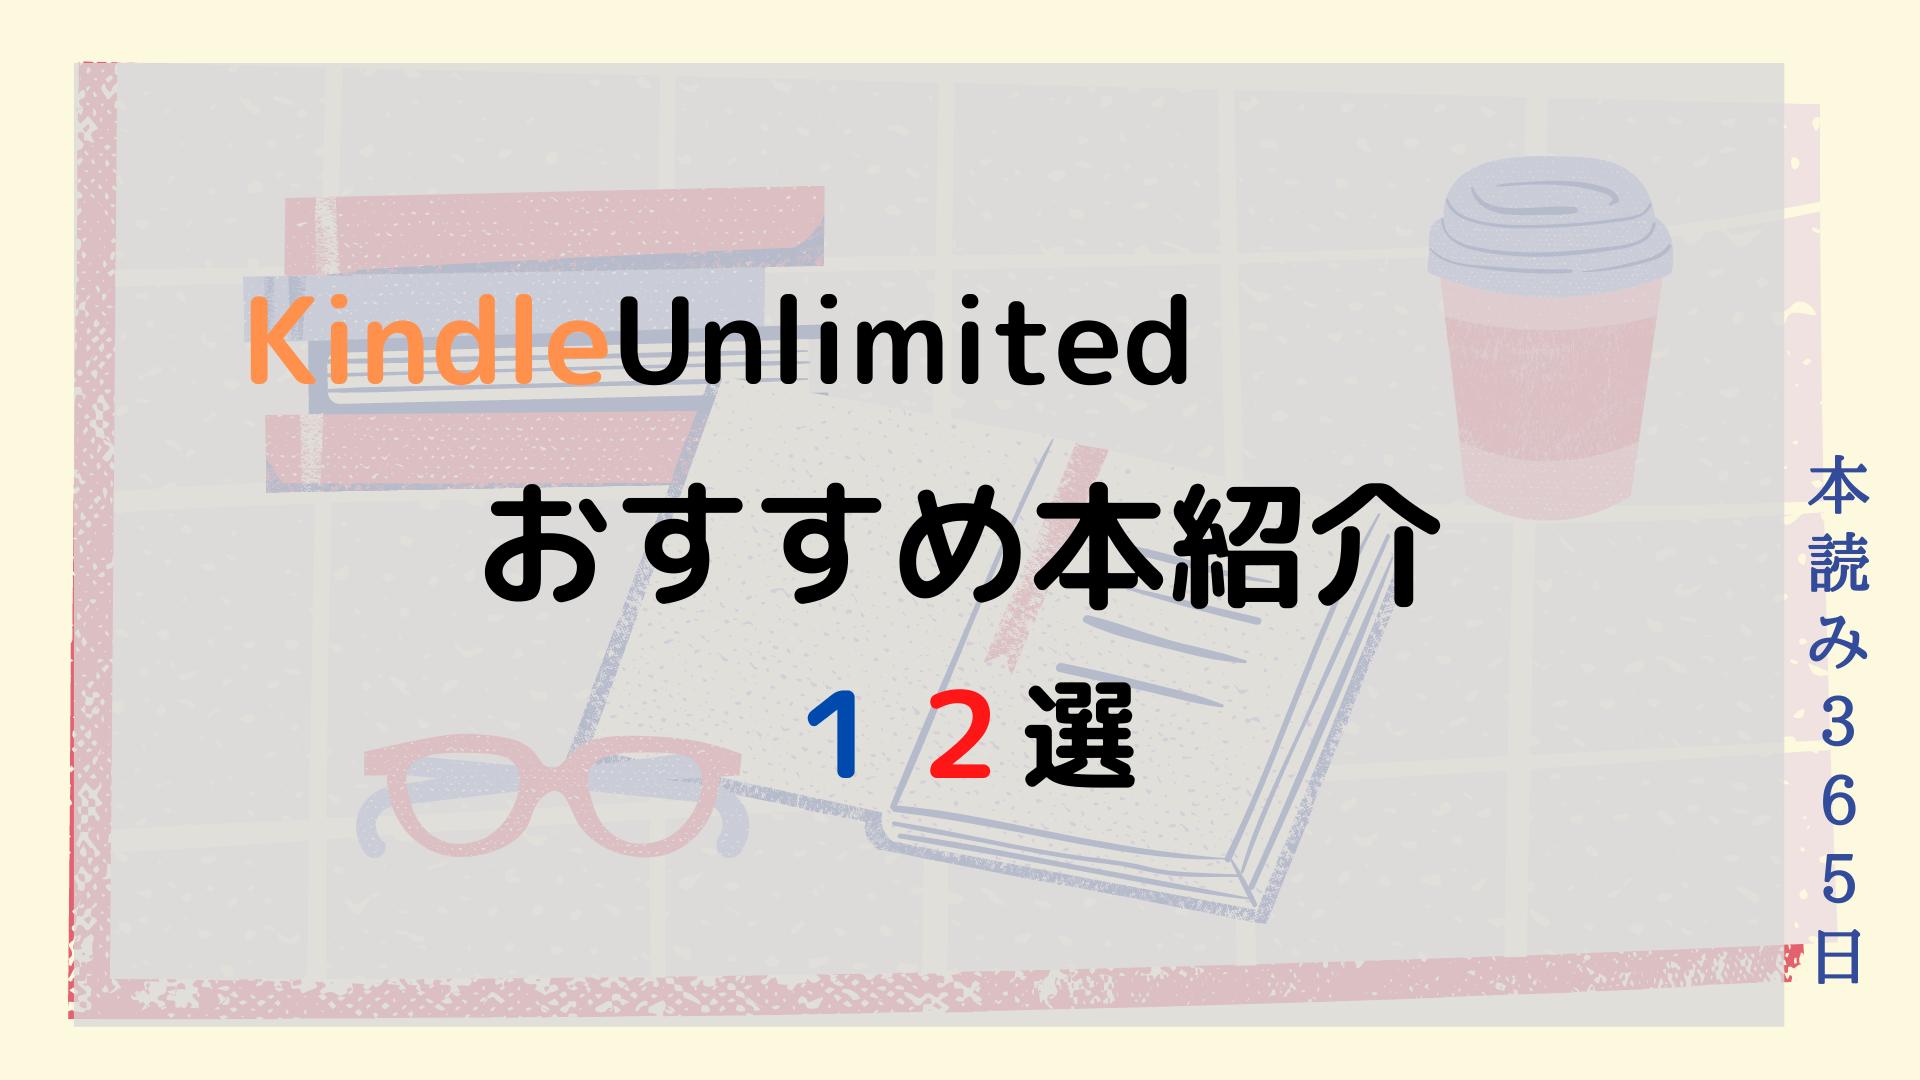 kindleUnlimitedのおすすめ12のアイキャッチ画像